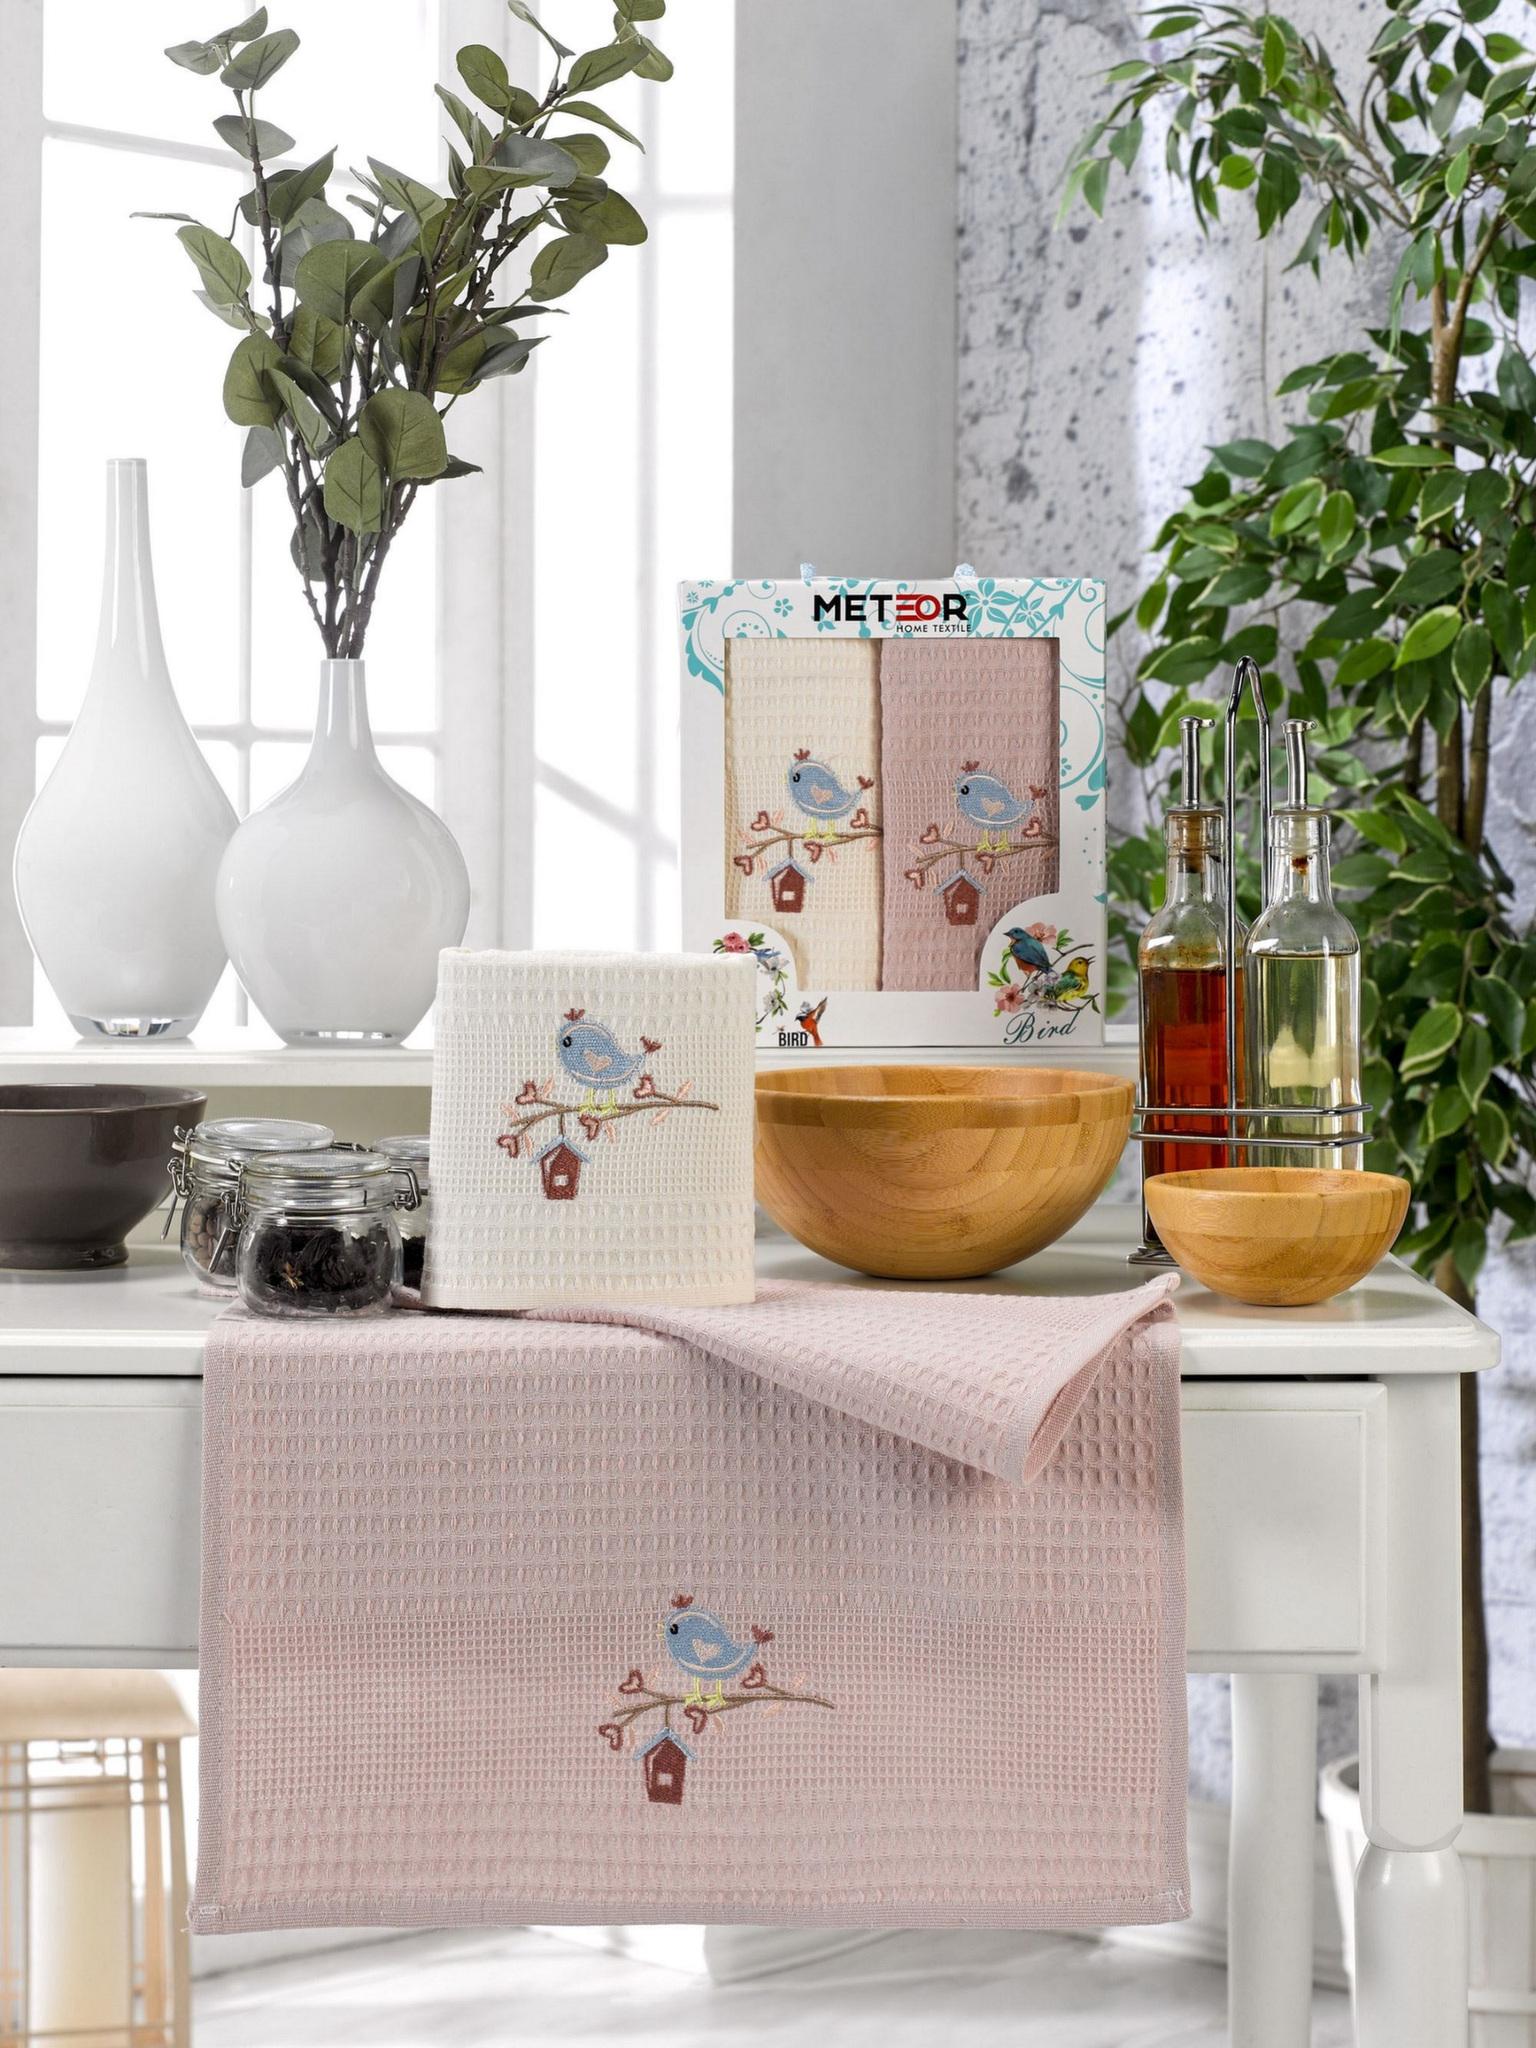 Комплект вафельных полотенец 40x60 (2 шт) 11500 Bionce kus Meteor